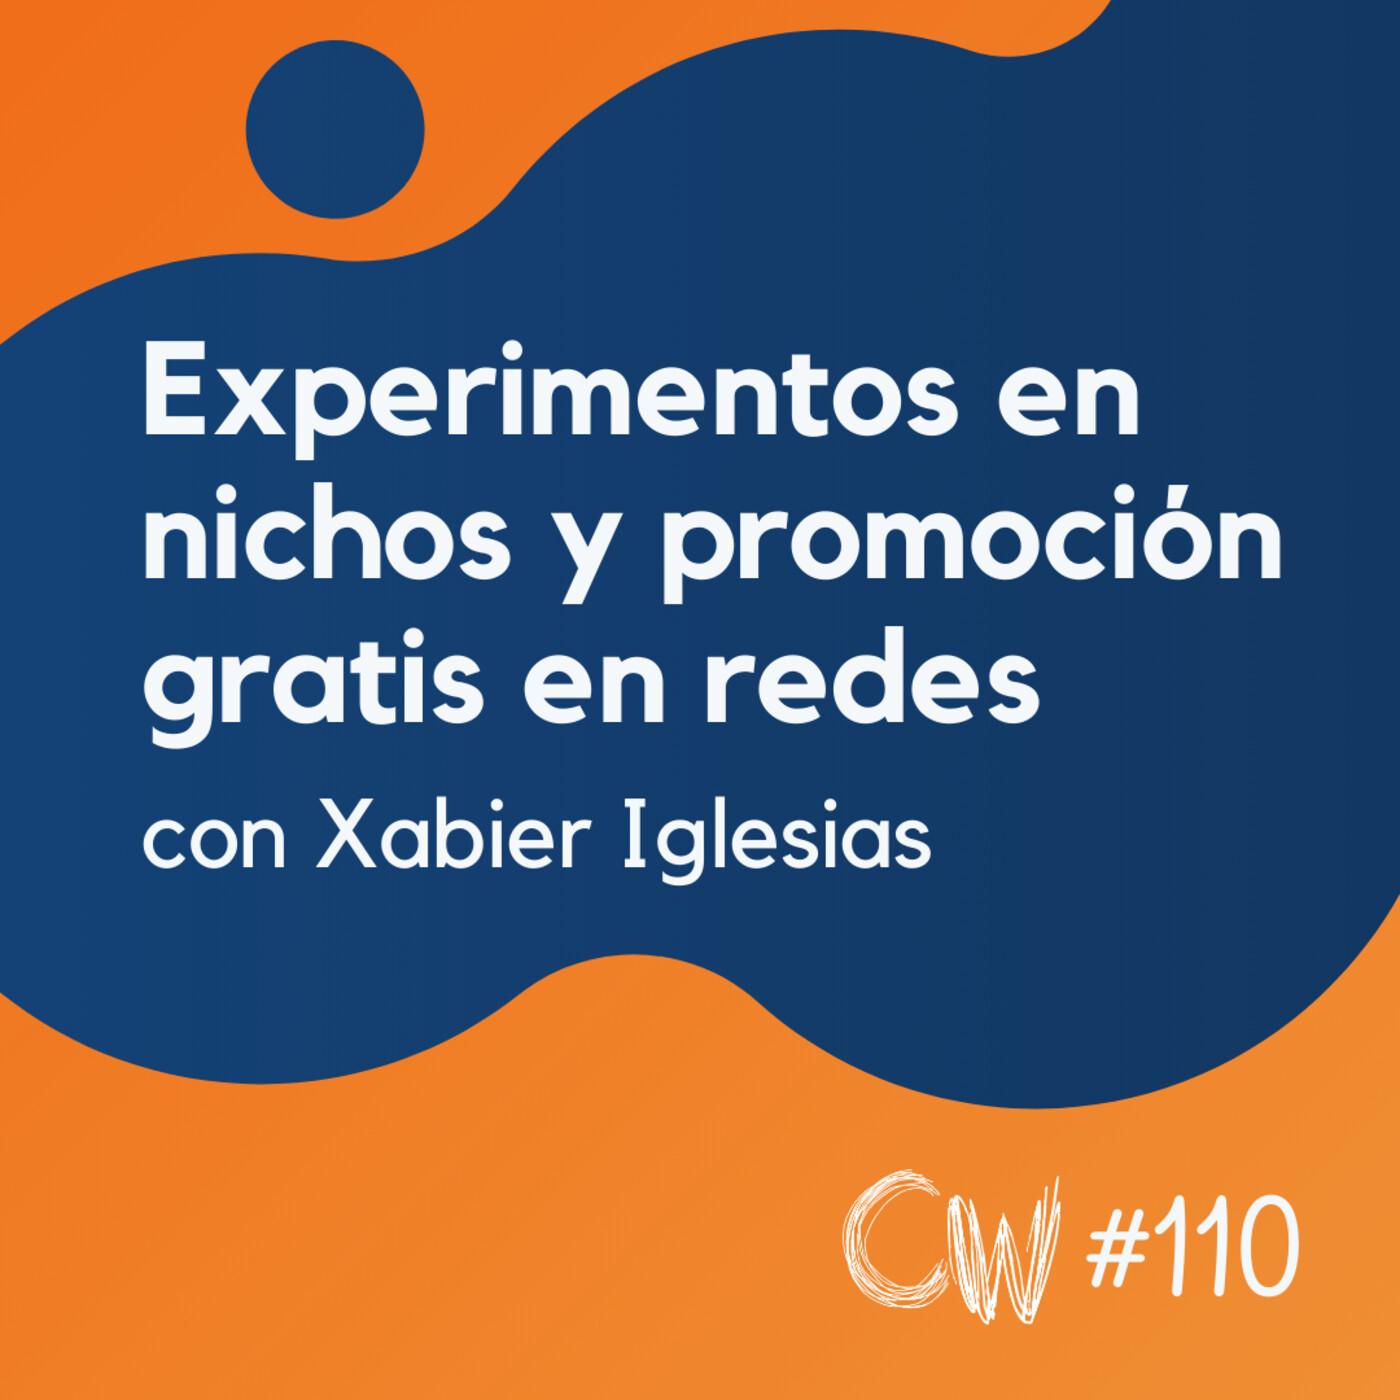 Experimentos en nichos y promoción gratis en LinkedIn y Facebook, con Xabier Iglesias #110